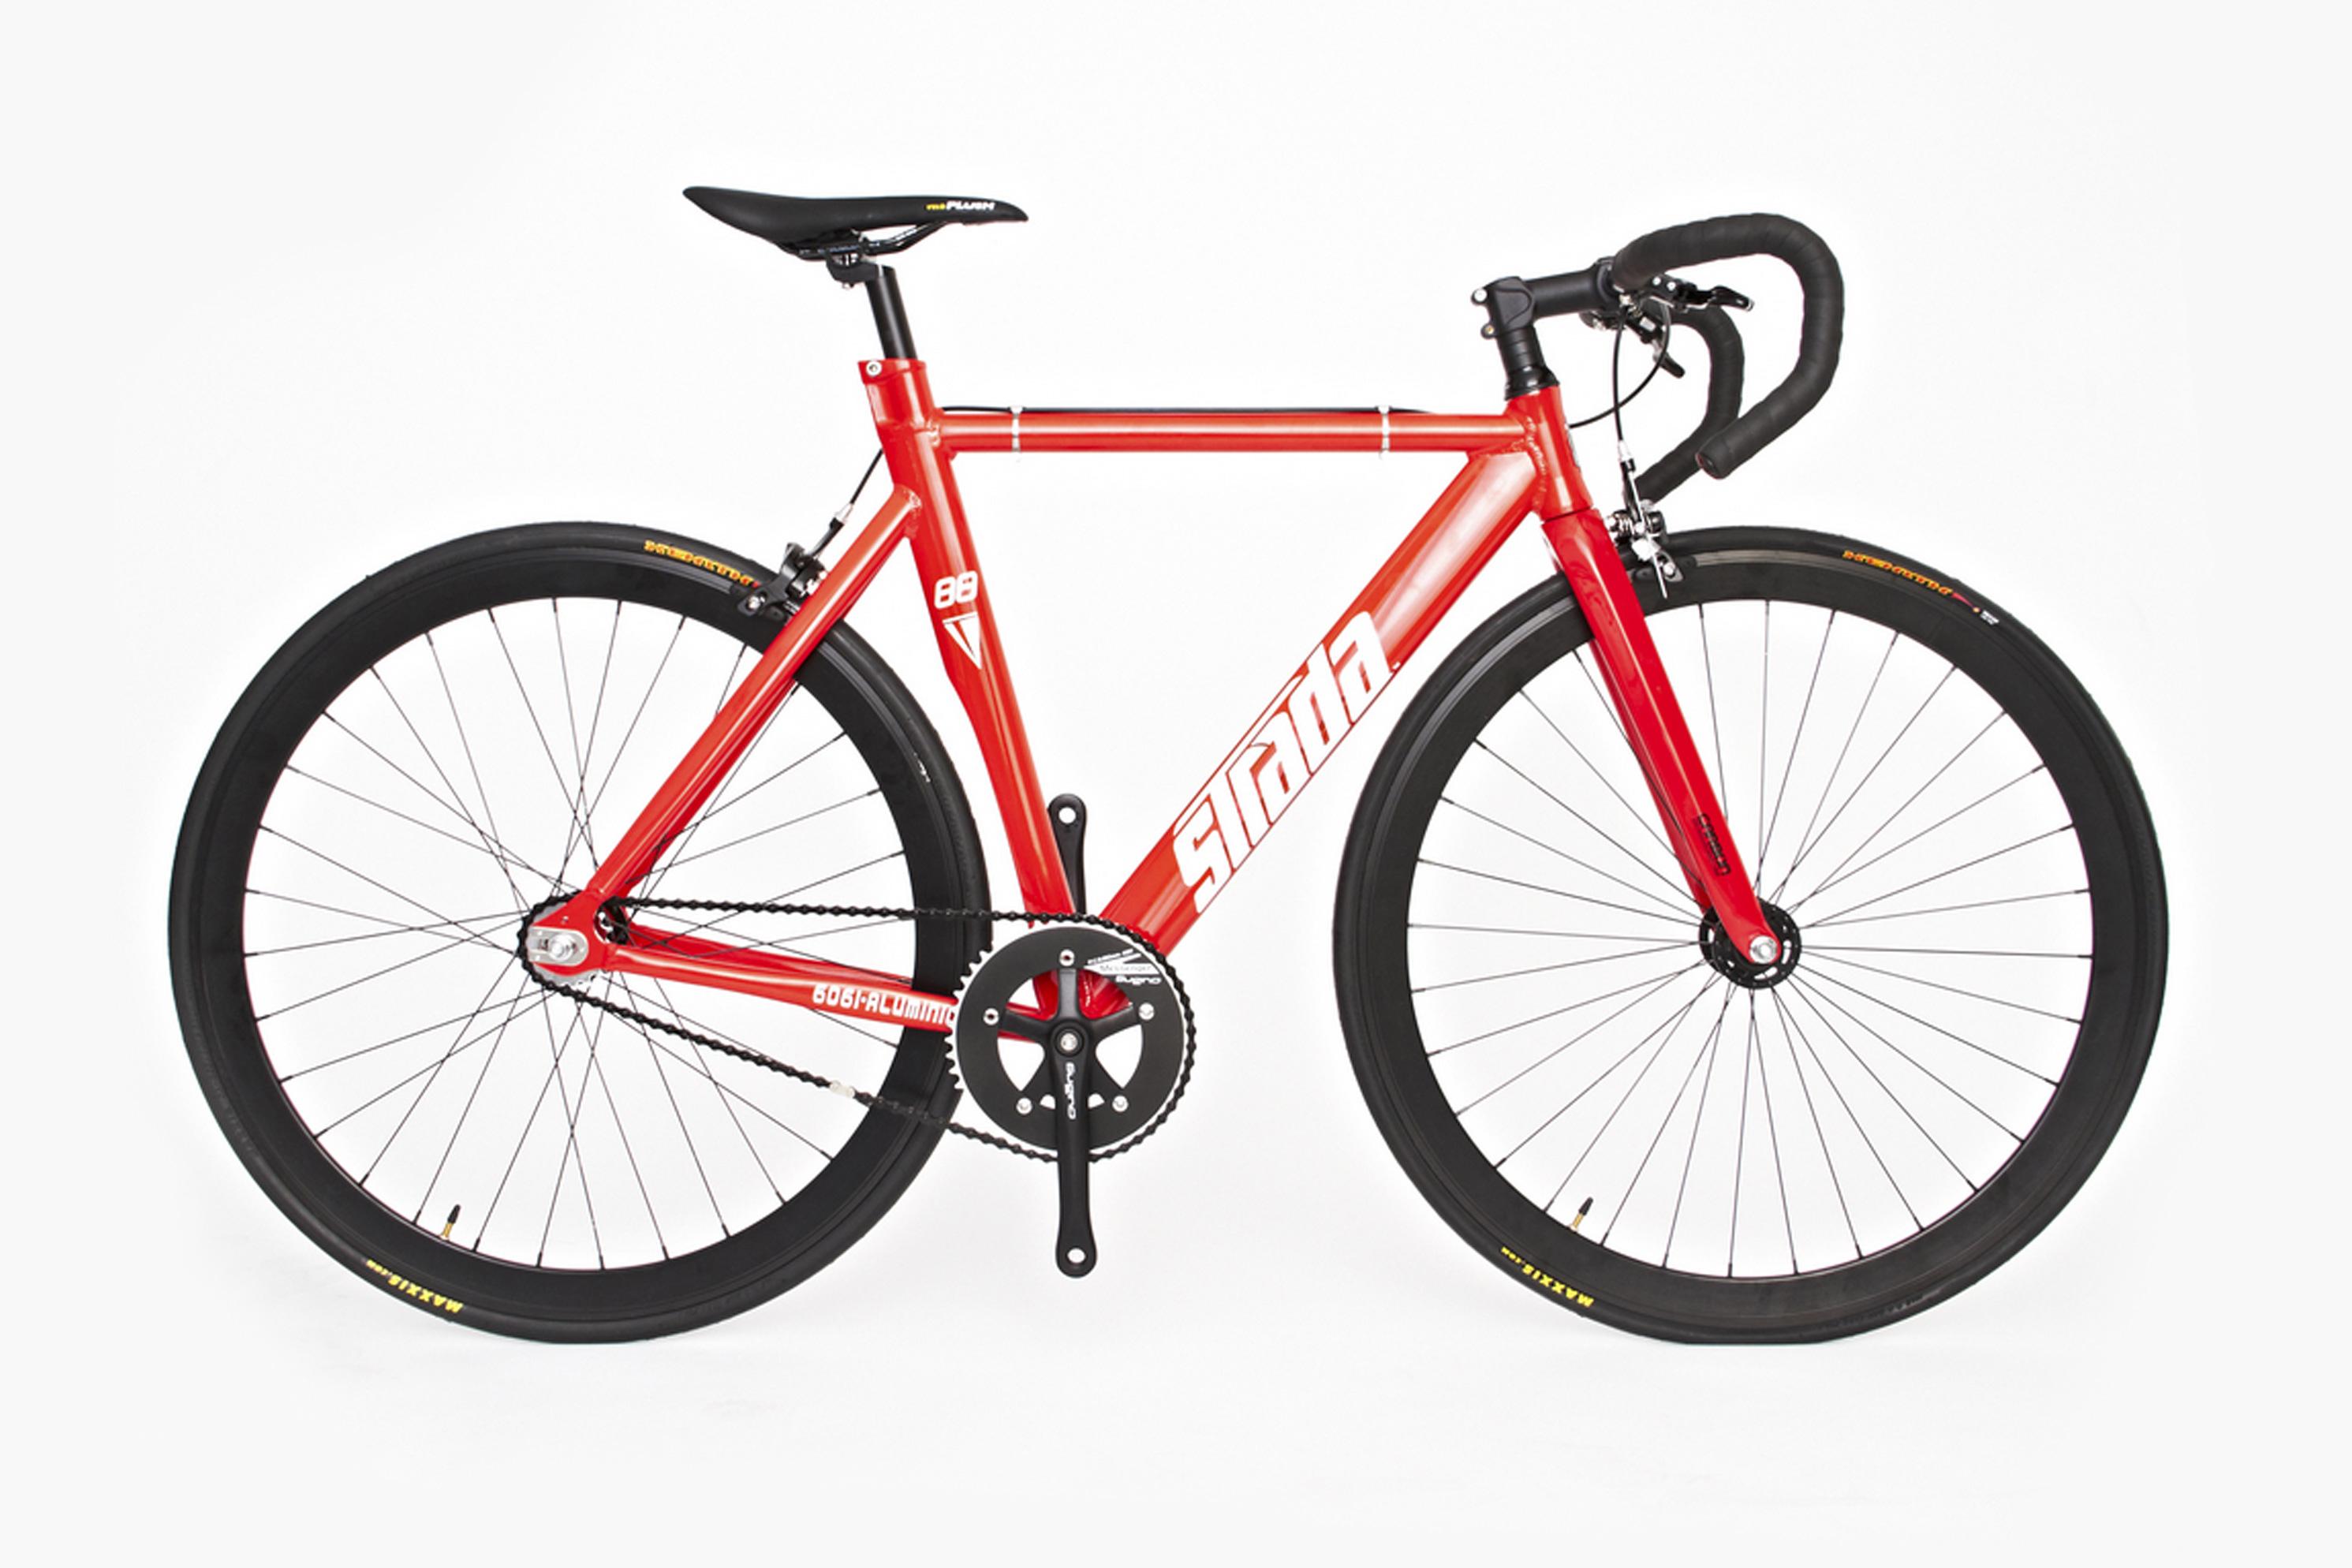 Strada 2012 Pro Model Bike